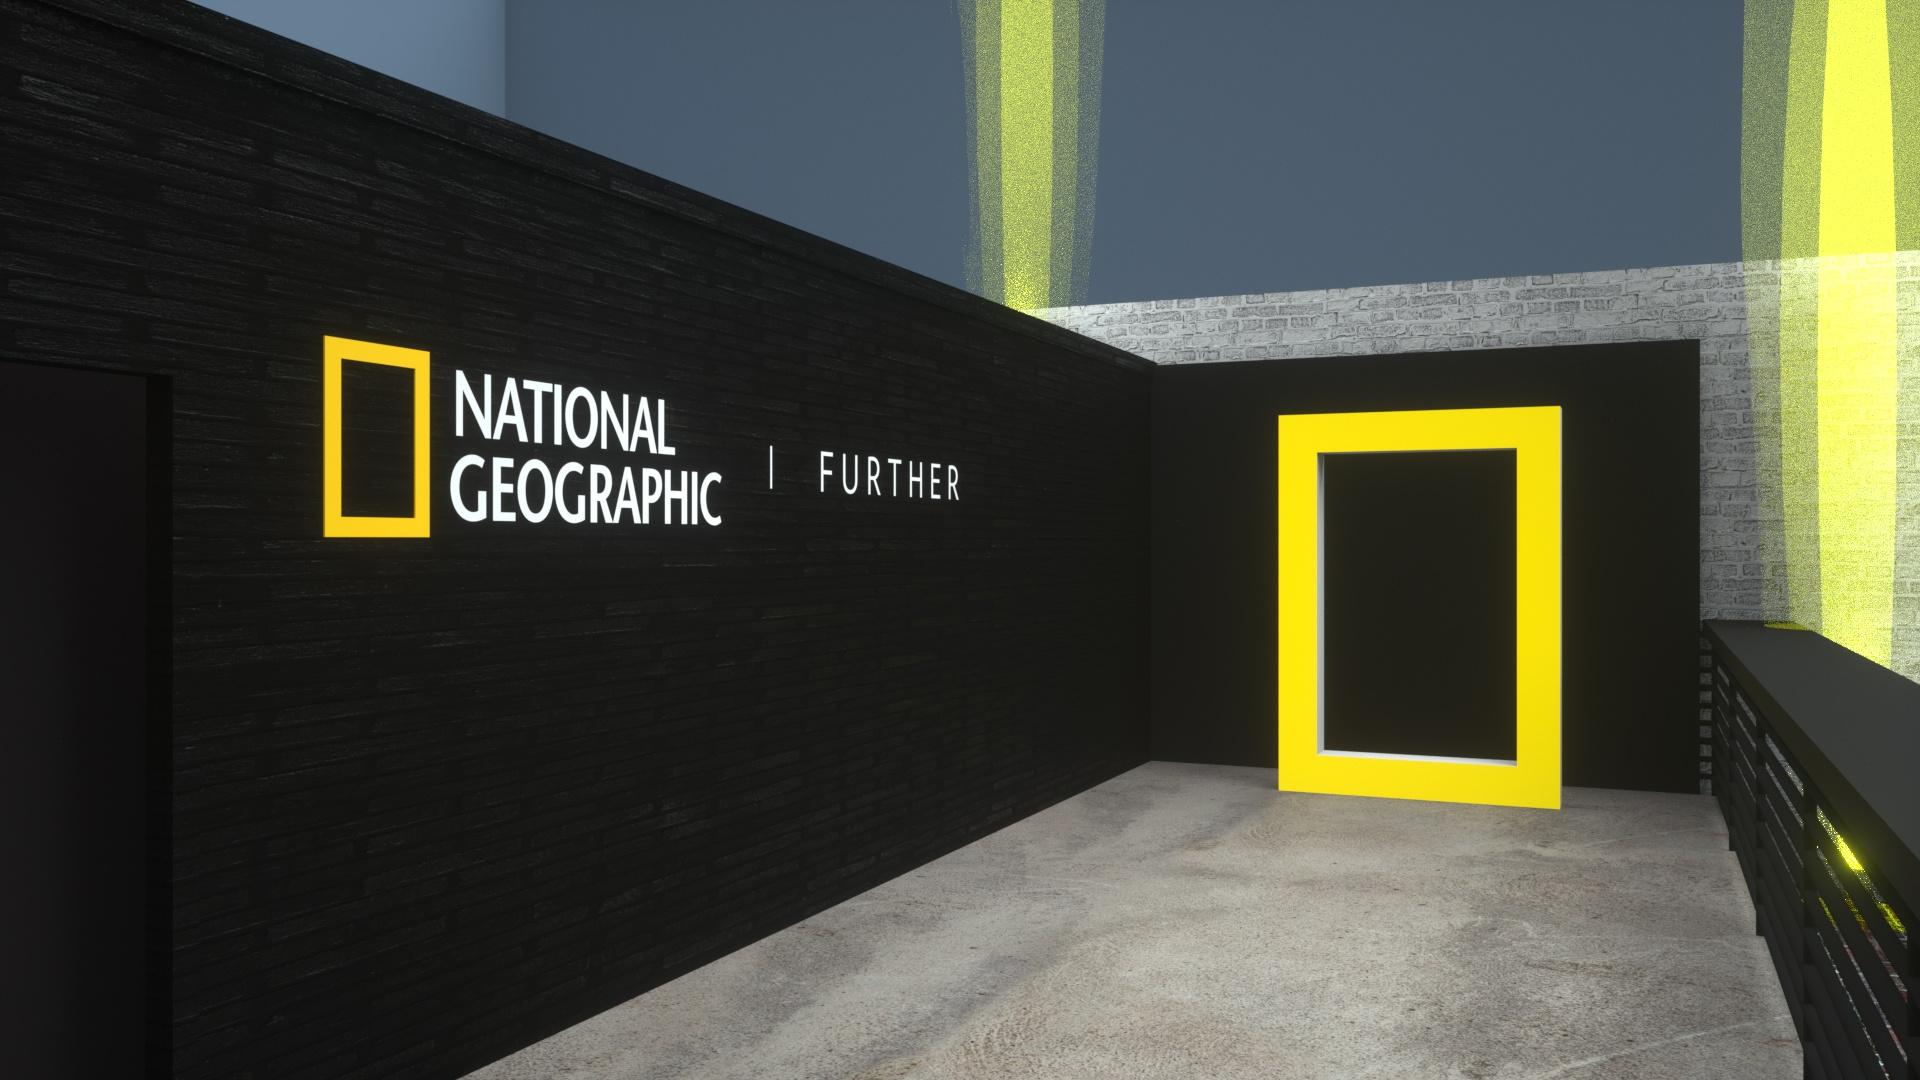 170217[9]_NatGeo_Further_Front_003.jpg